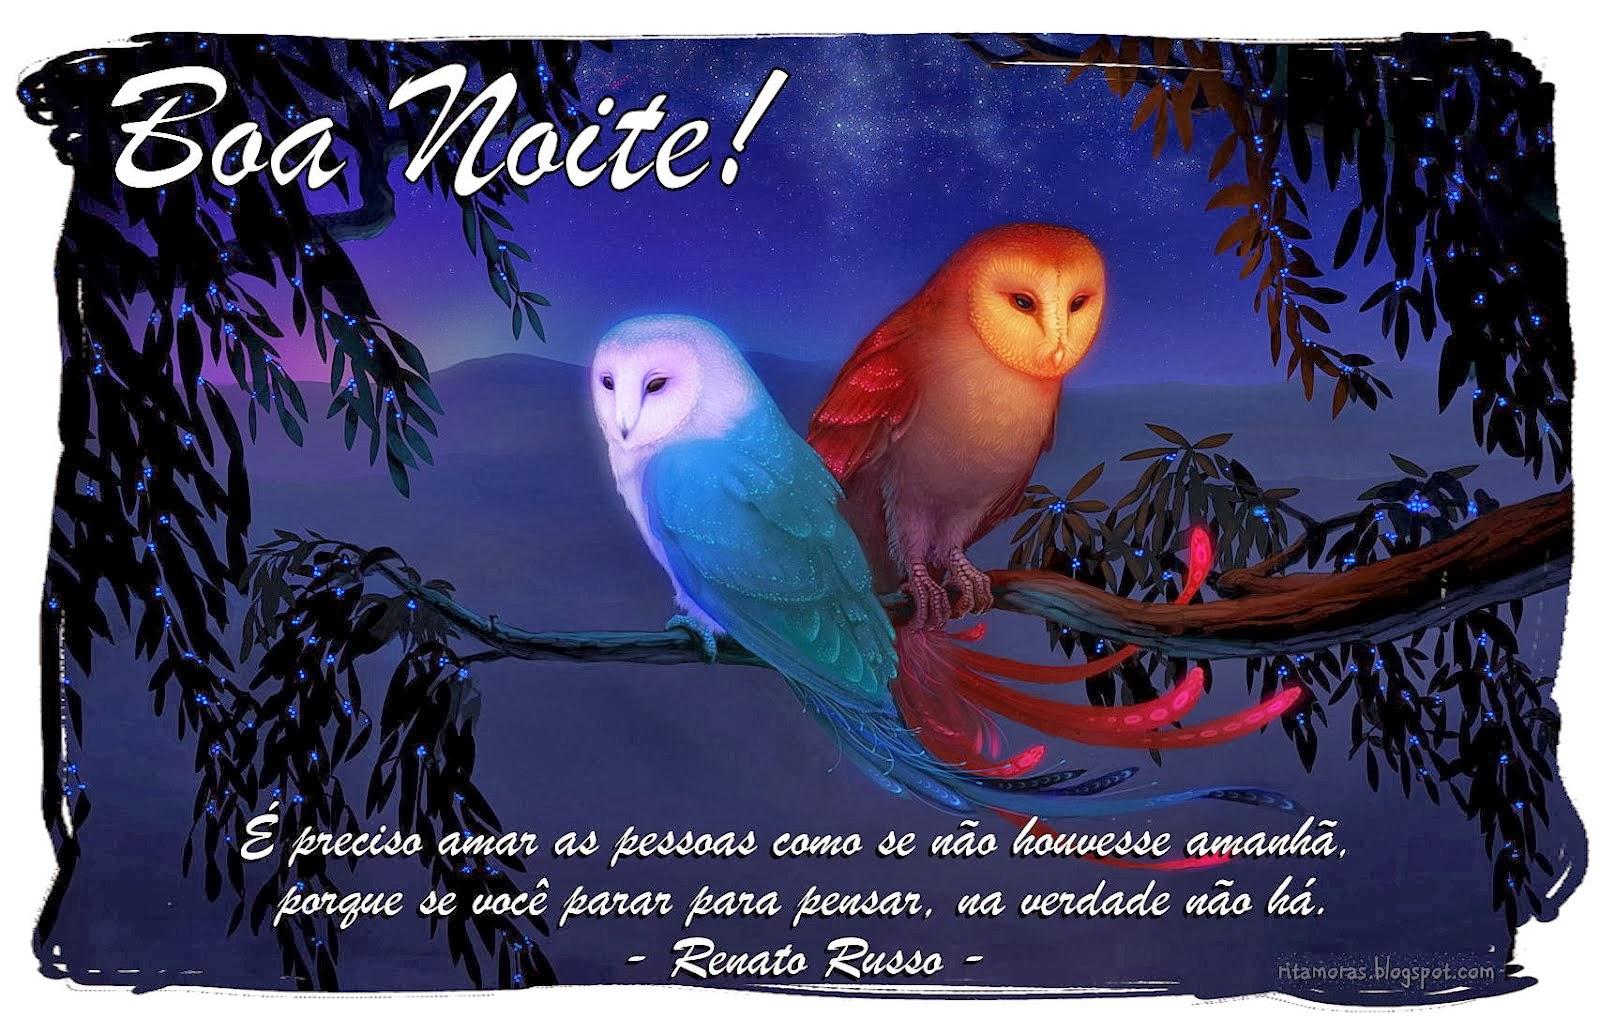 Msg De Boa Noite: Lindas Msg De Boa Noite .